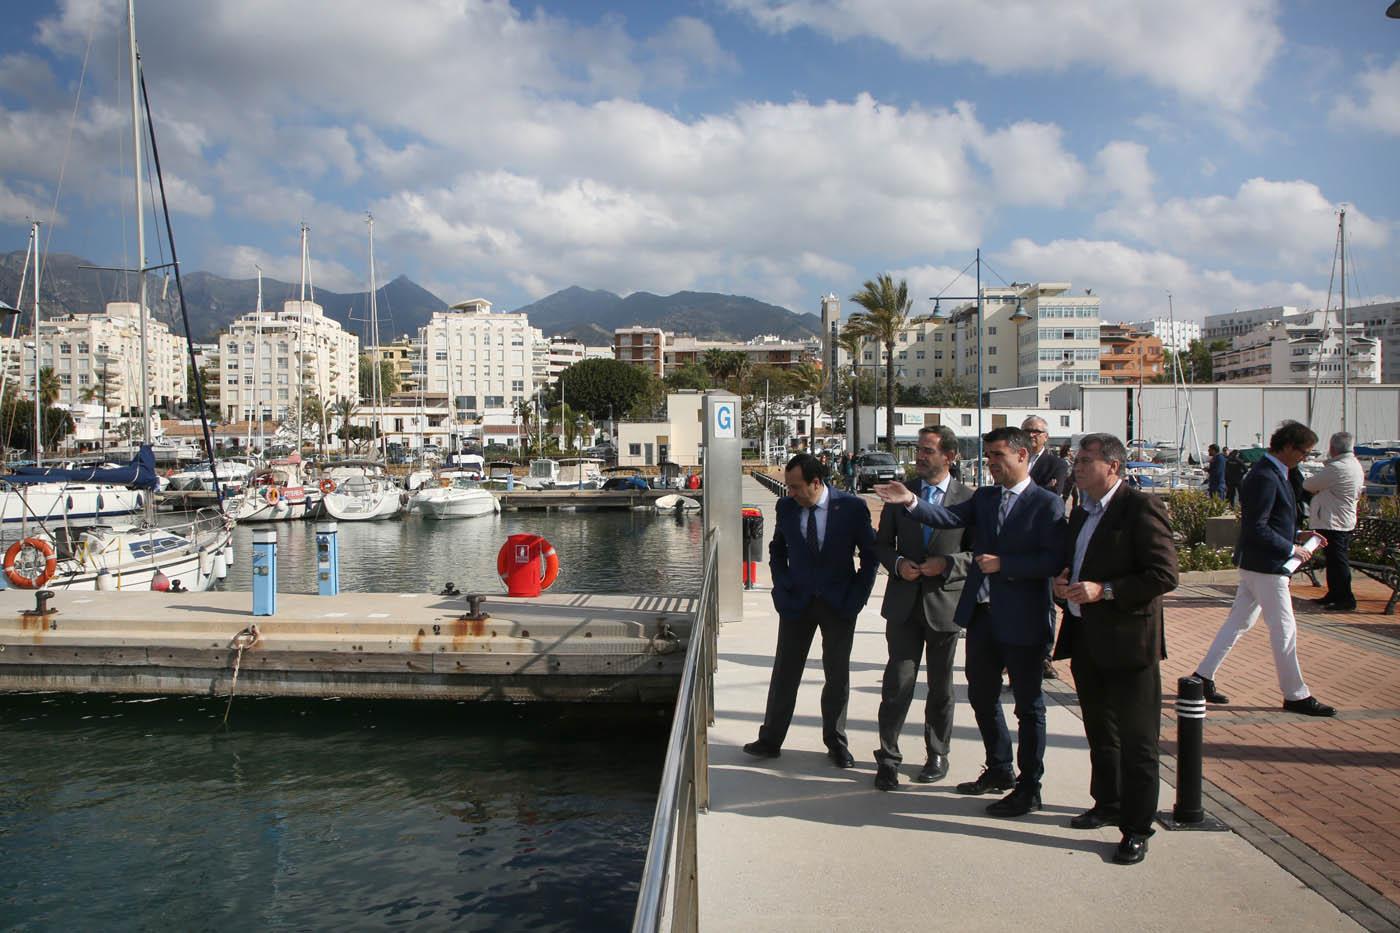 http://www.marbella.es